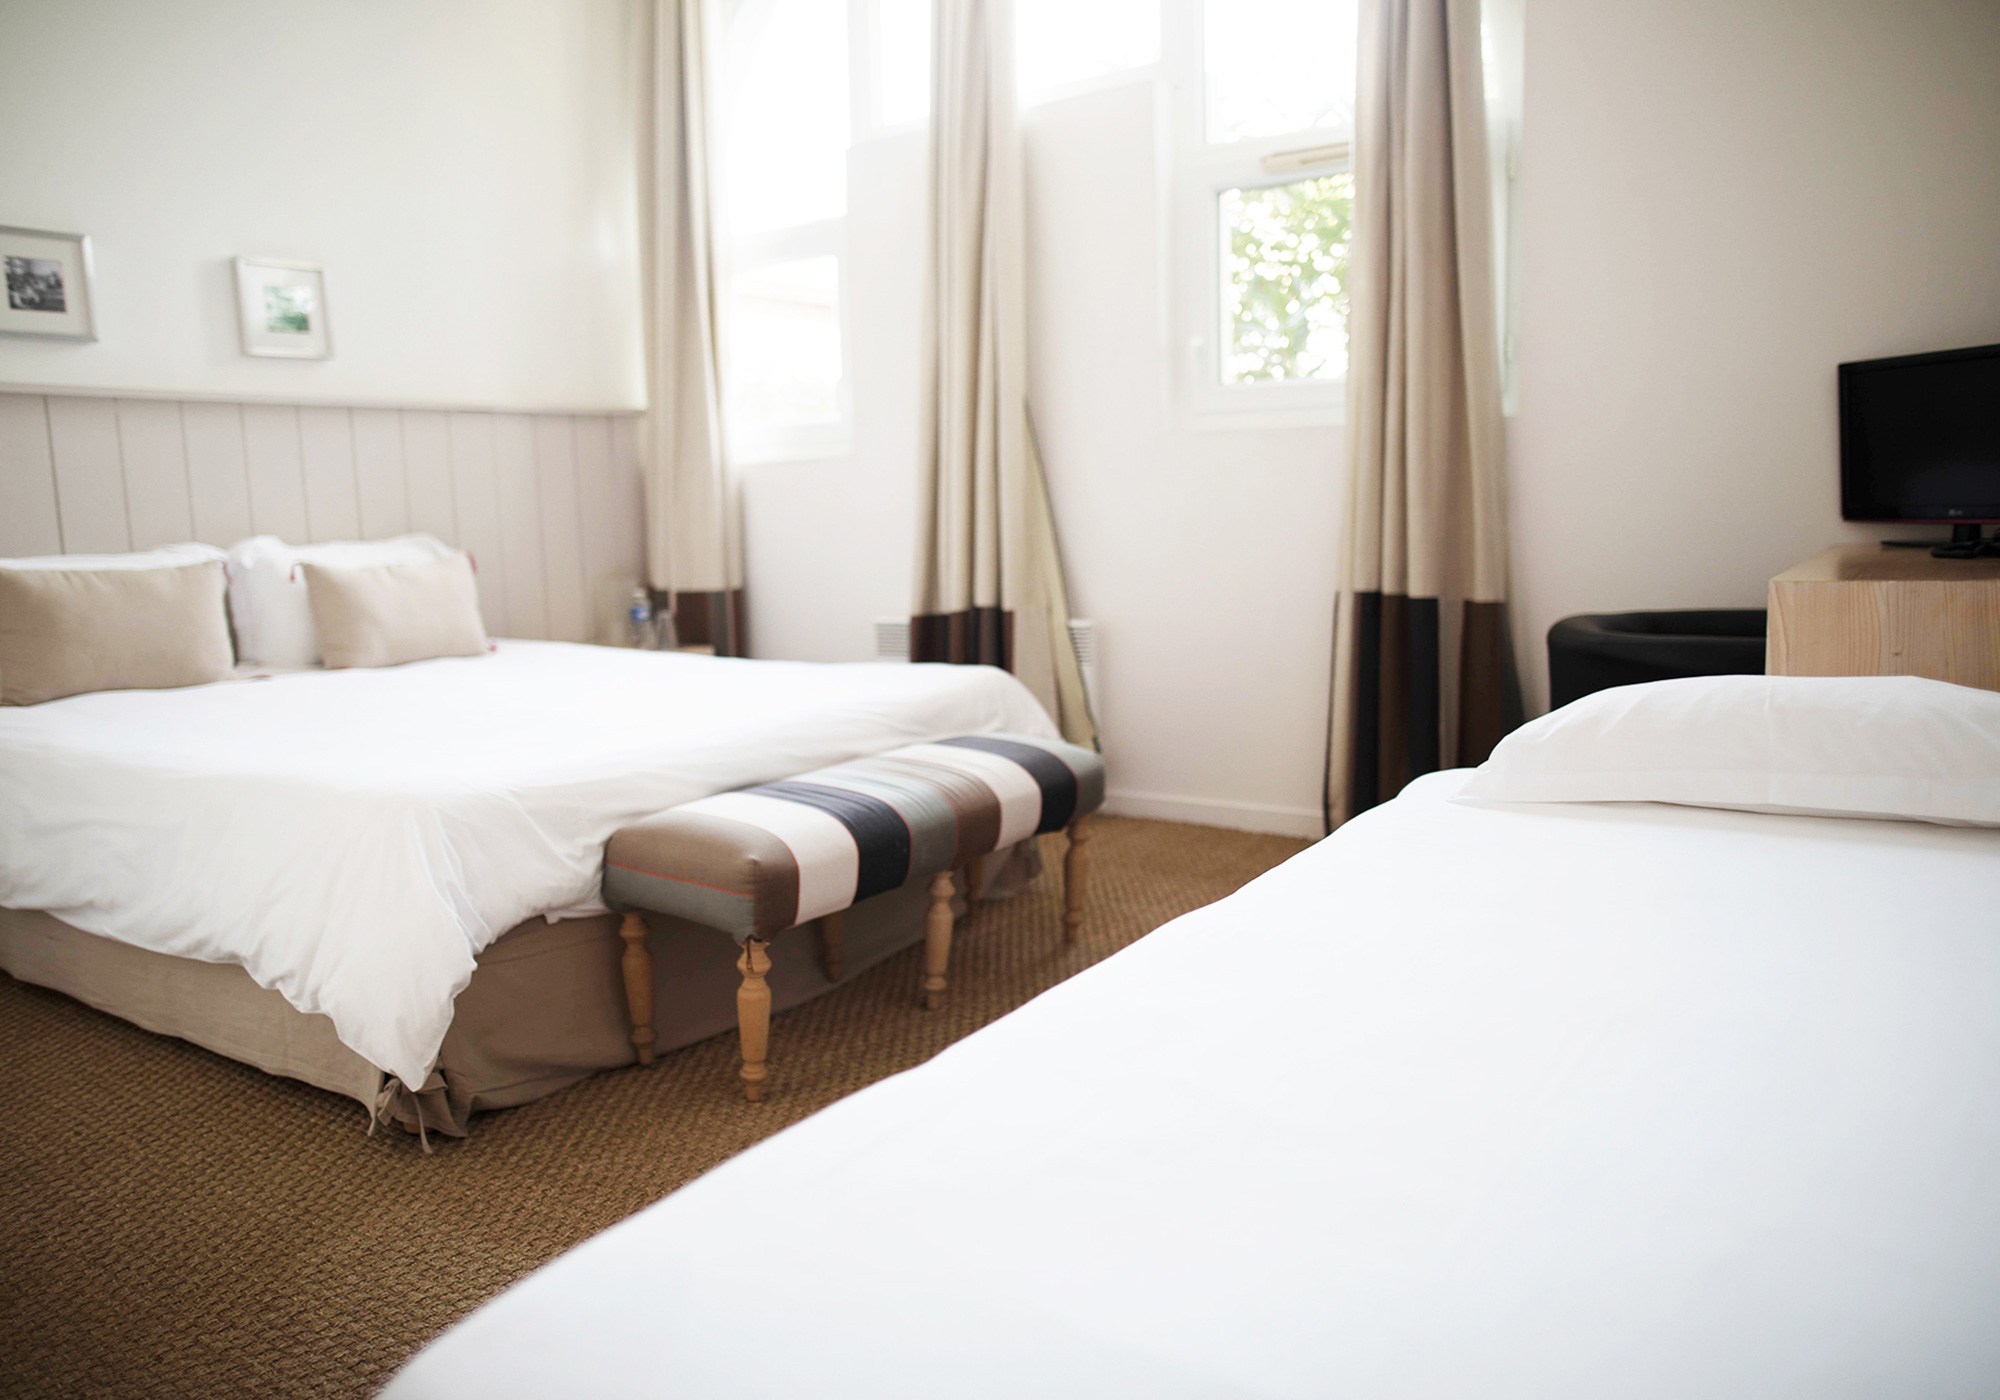 Chambre triple Hotel Boutique Messanges, Landes